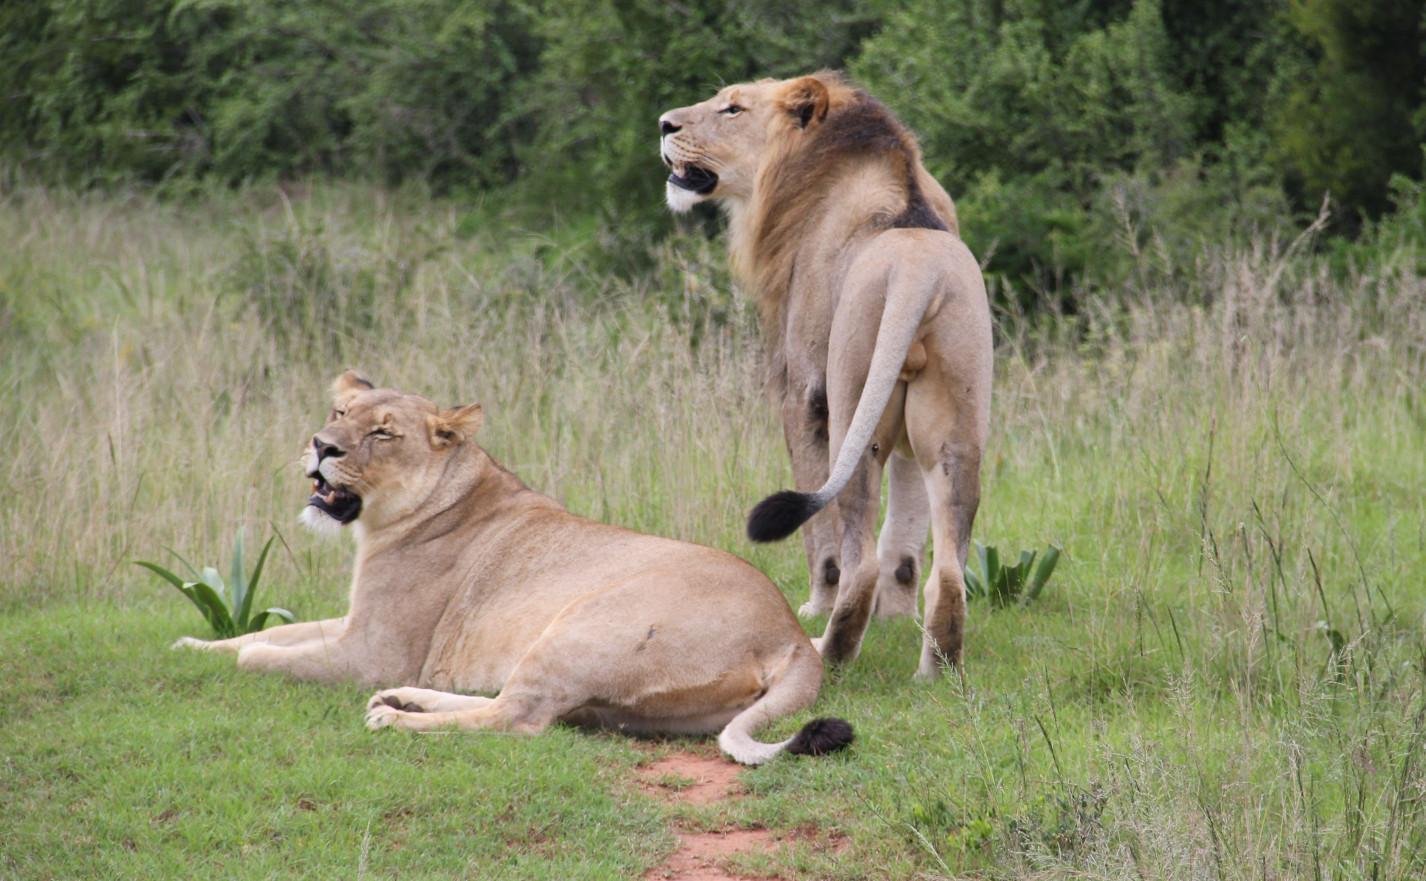 Eine Löwin liegt im Gras, ein Löwe steht daneben.